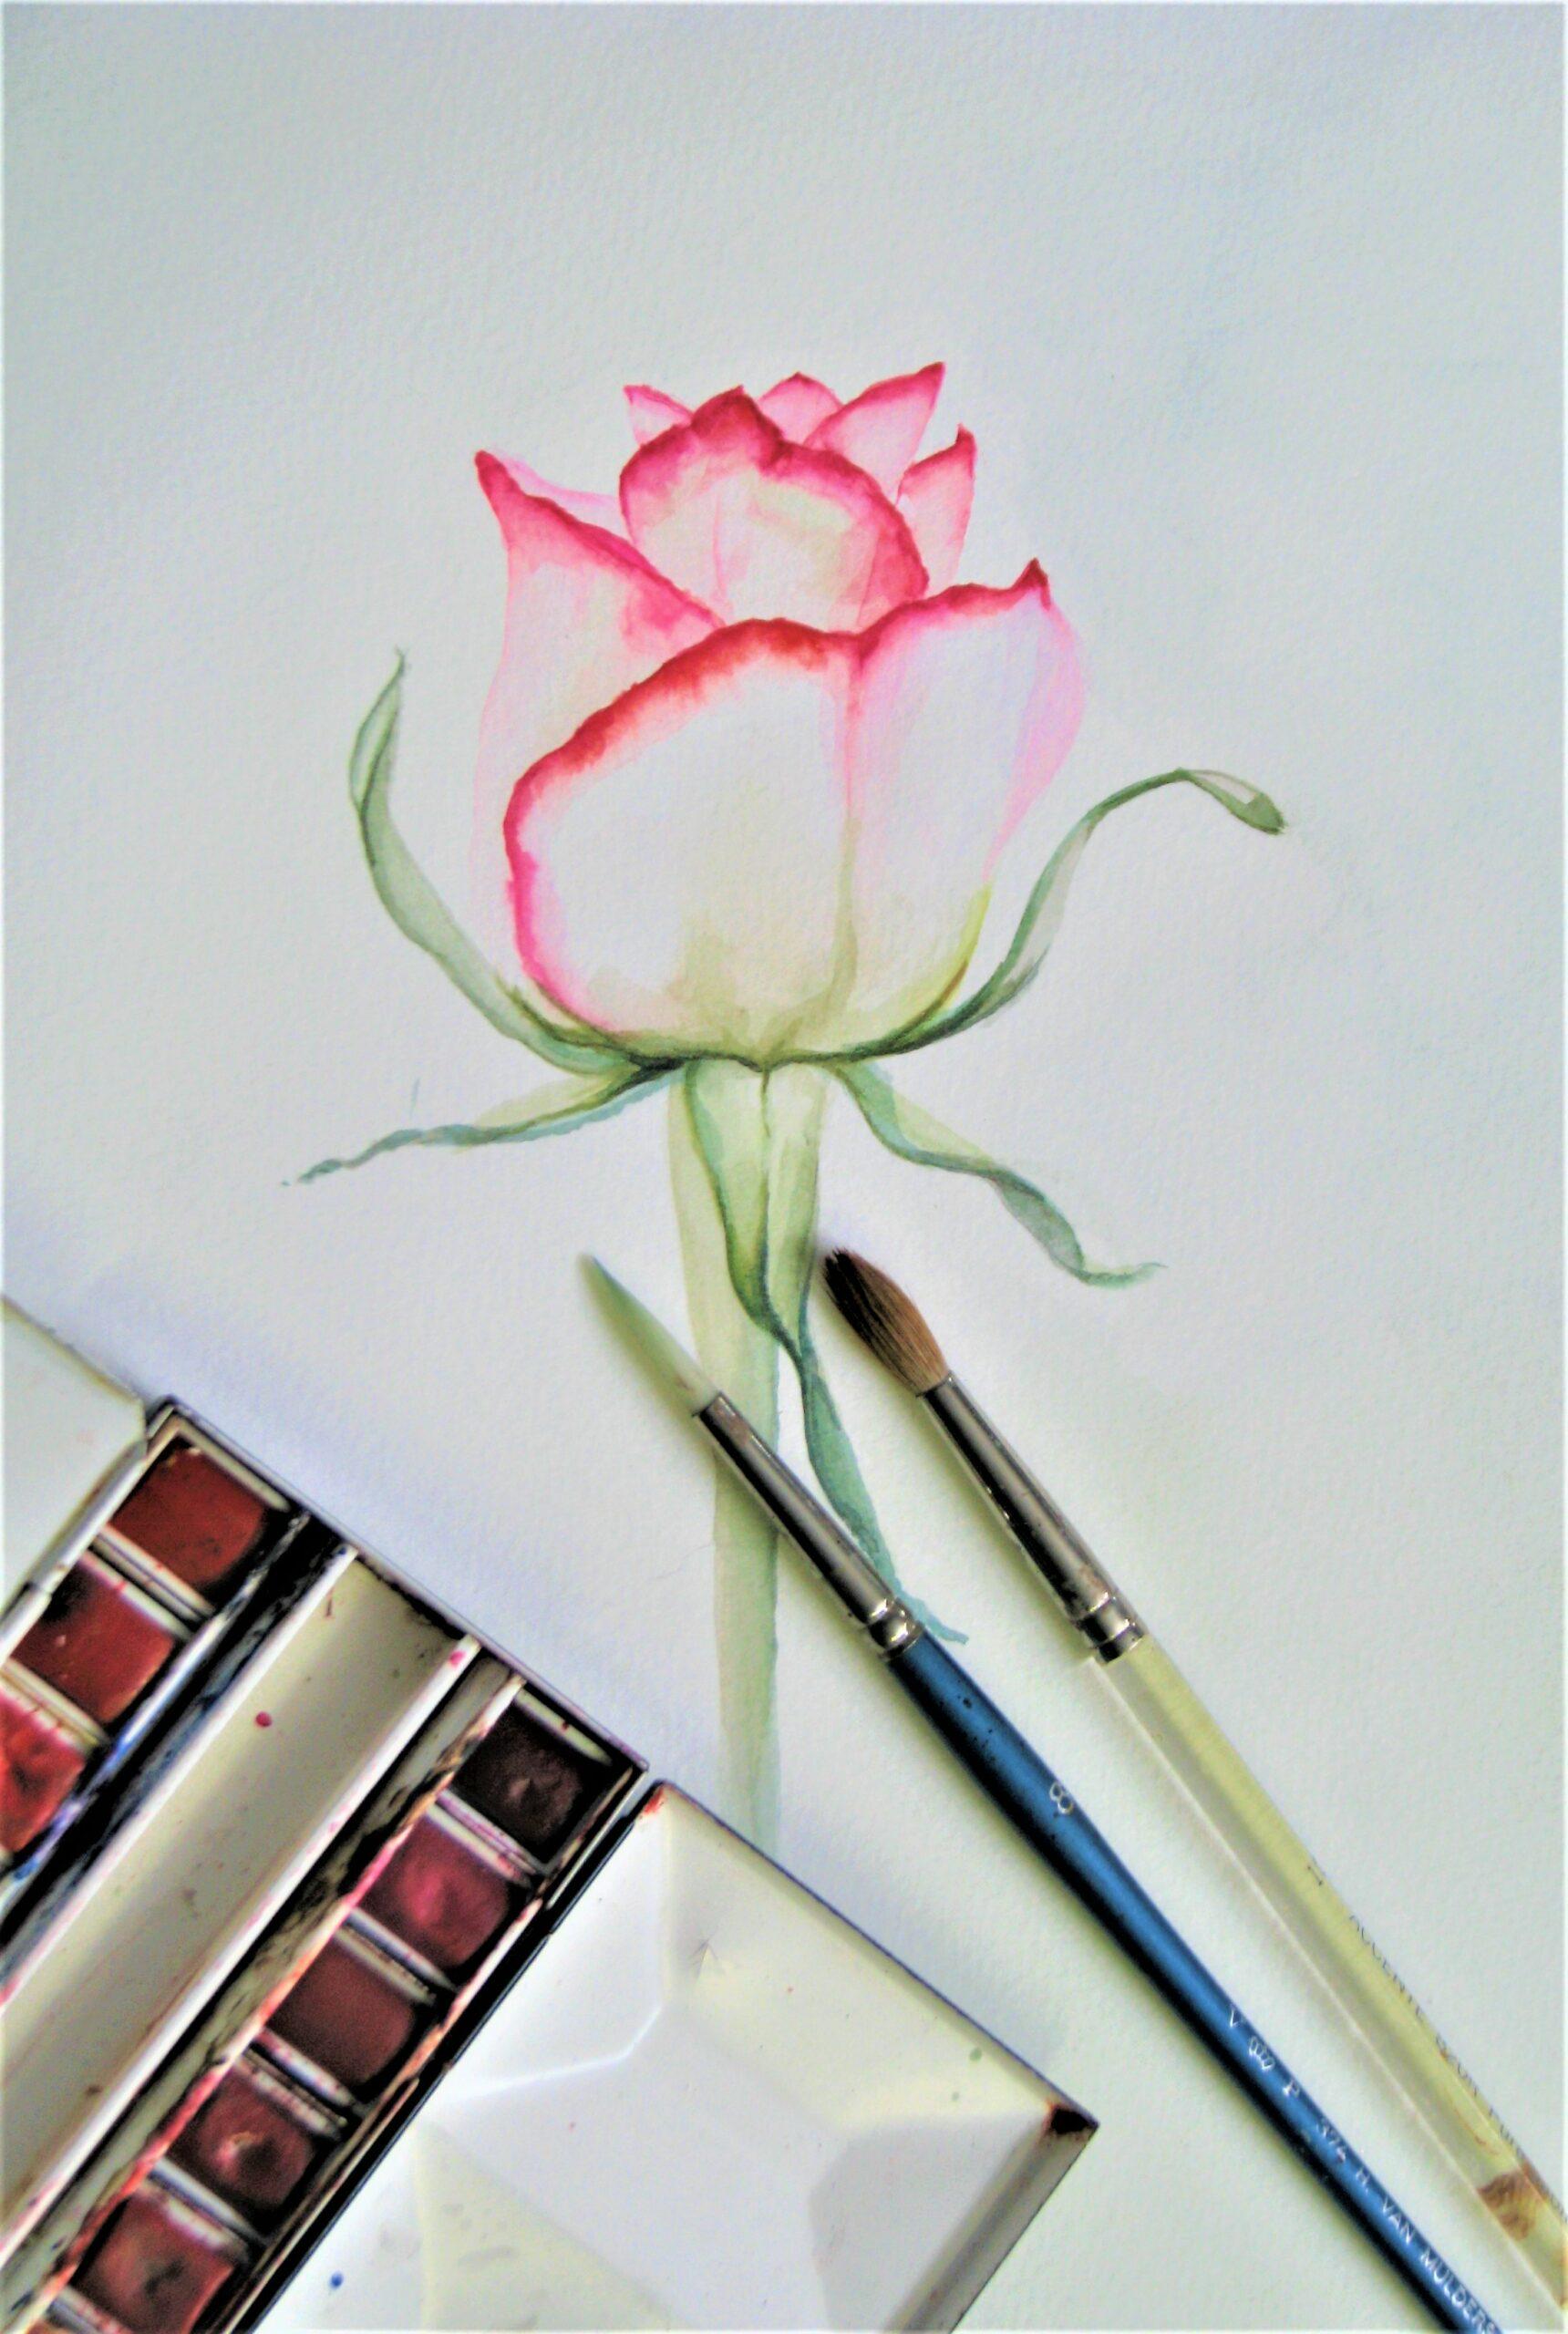 Basis bloemschilderen Altijd al een realistisch bloemschilderij willen maken maar je weet niet hoe te beginnen en ook geen 3 jaar cursus volgen? Wij hebben een programma uitgewerkt dat dit voor iedereen mogelijk is